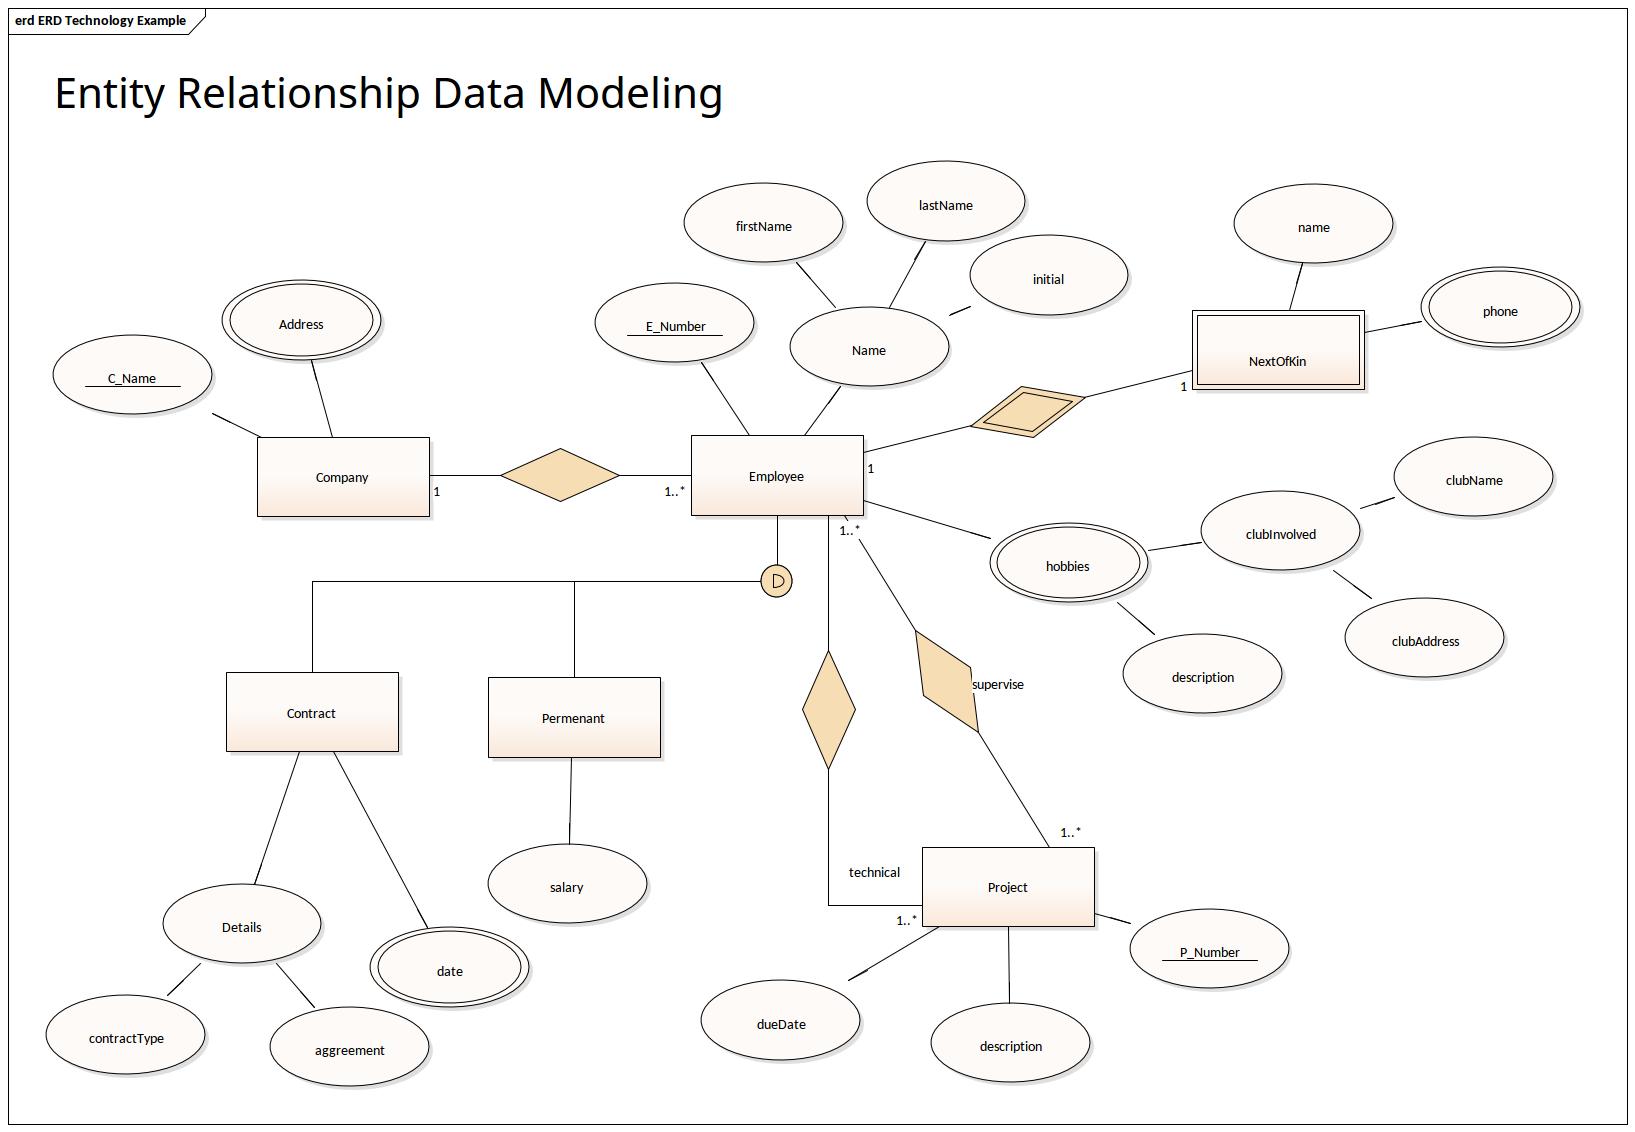 Entity Relationship Data Modeling   Enterprise Architect pertaining to Uml Entity Relationship Diagram